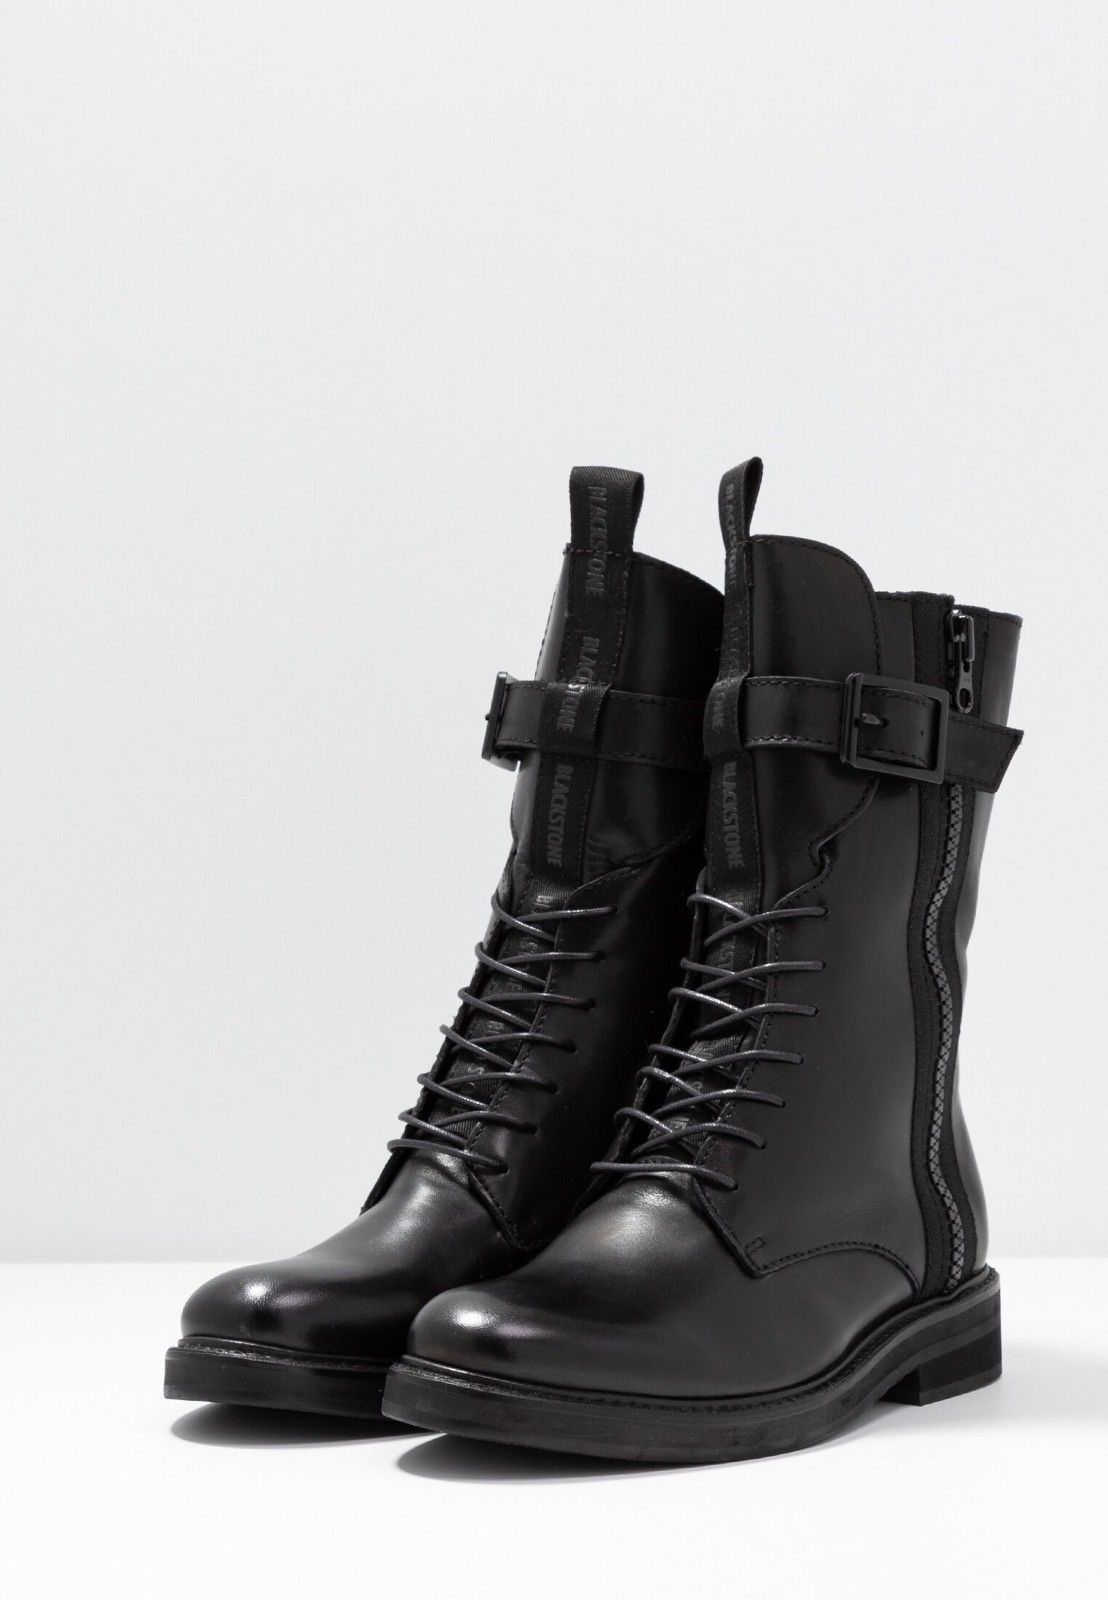 Blackstone sko str. 37 | FINN.no